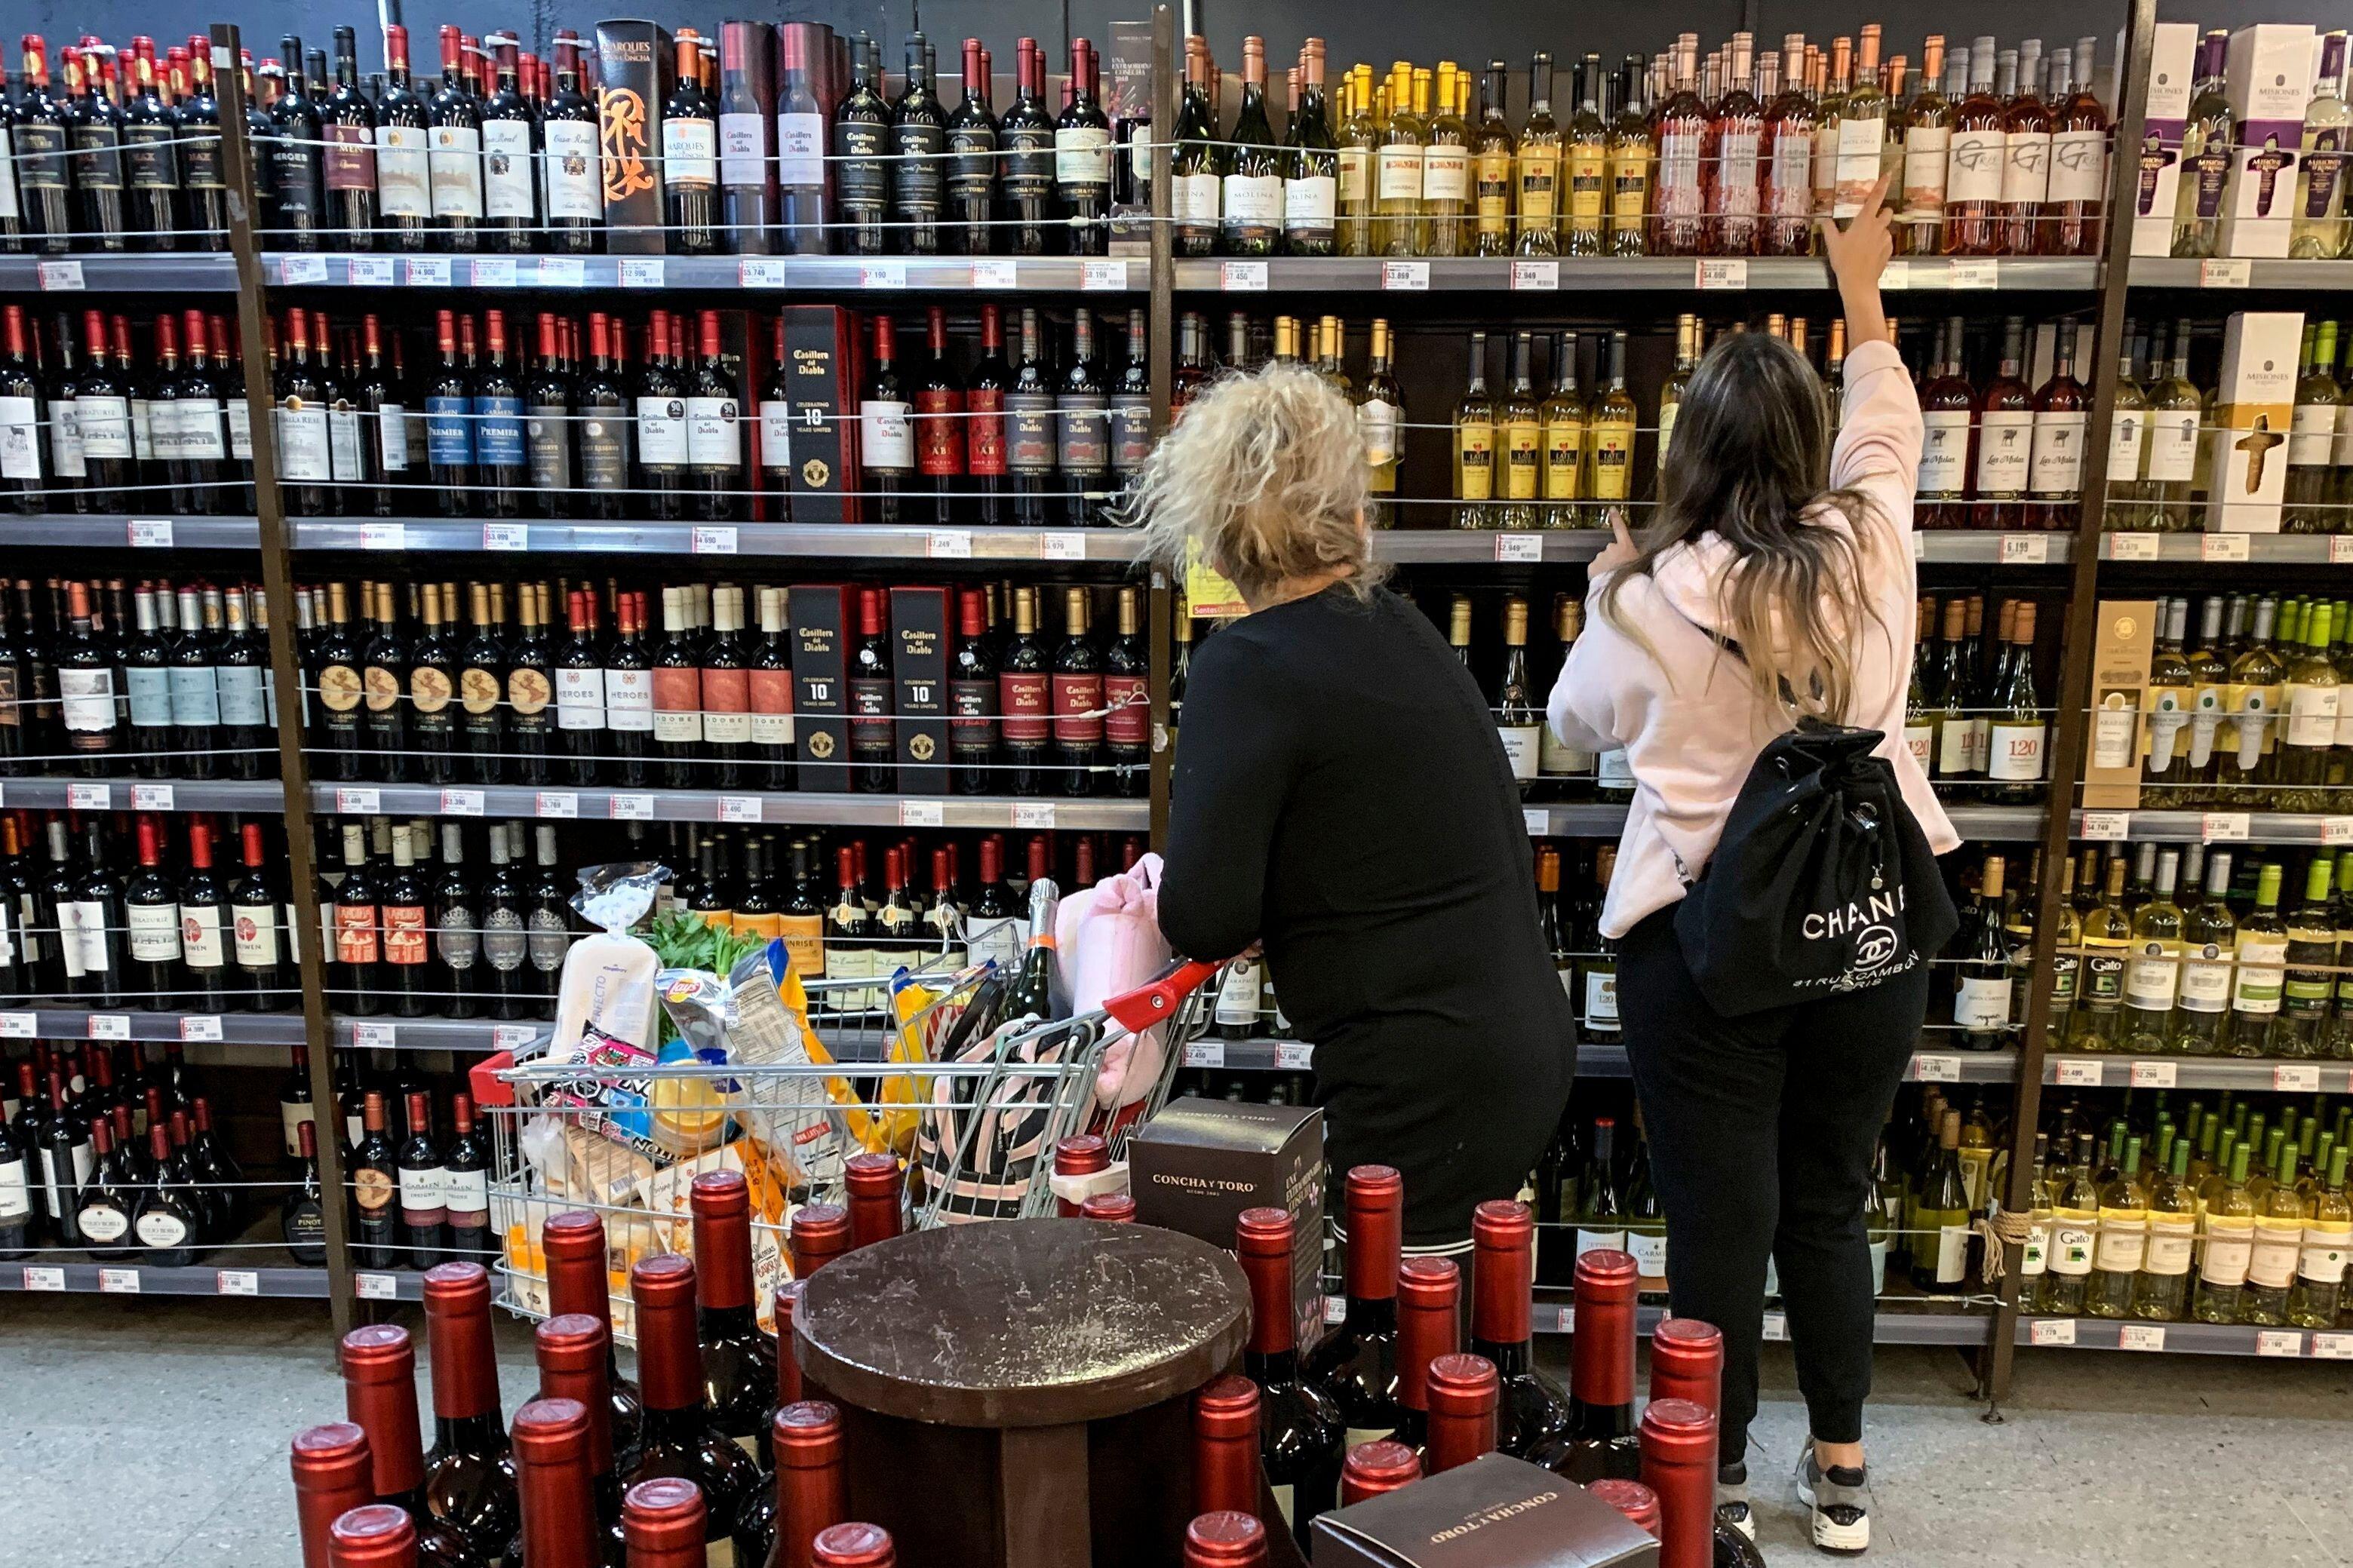 Un rayon d'alcool dans un supermarché au